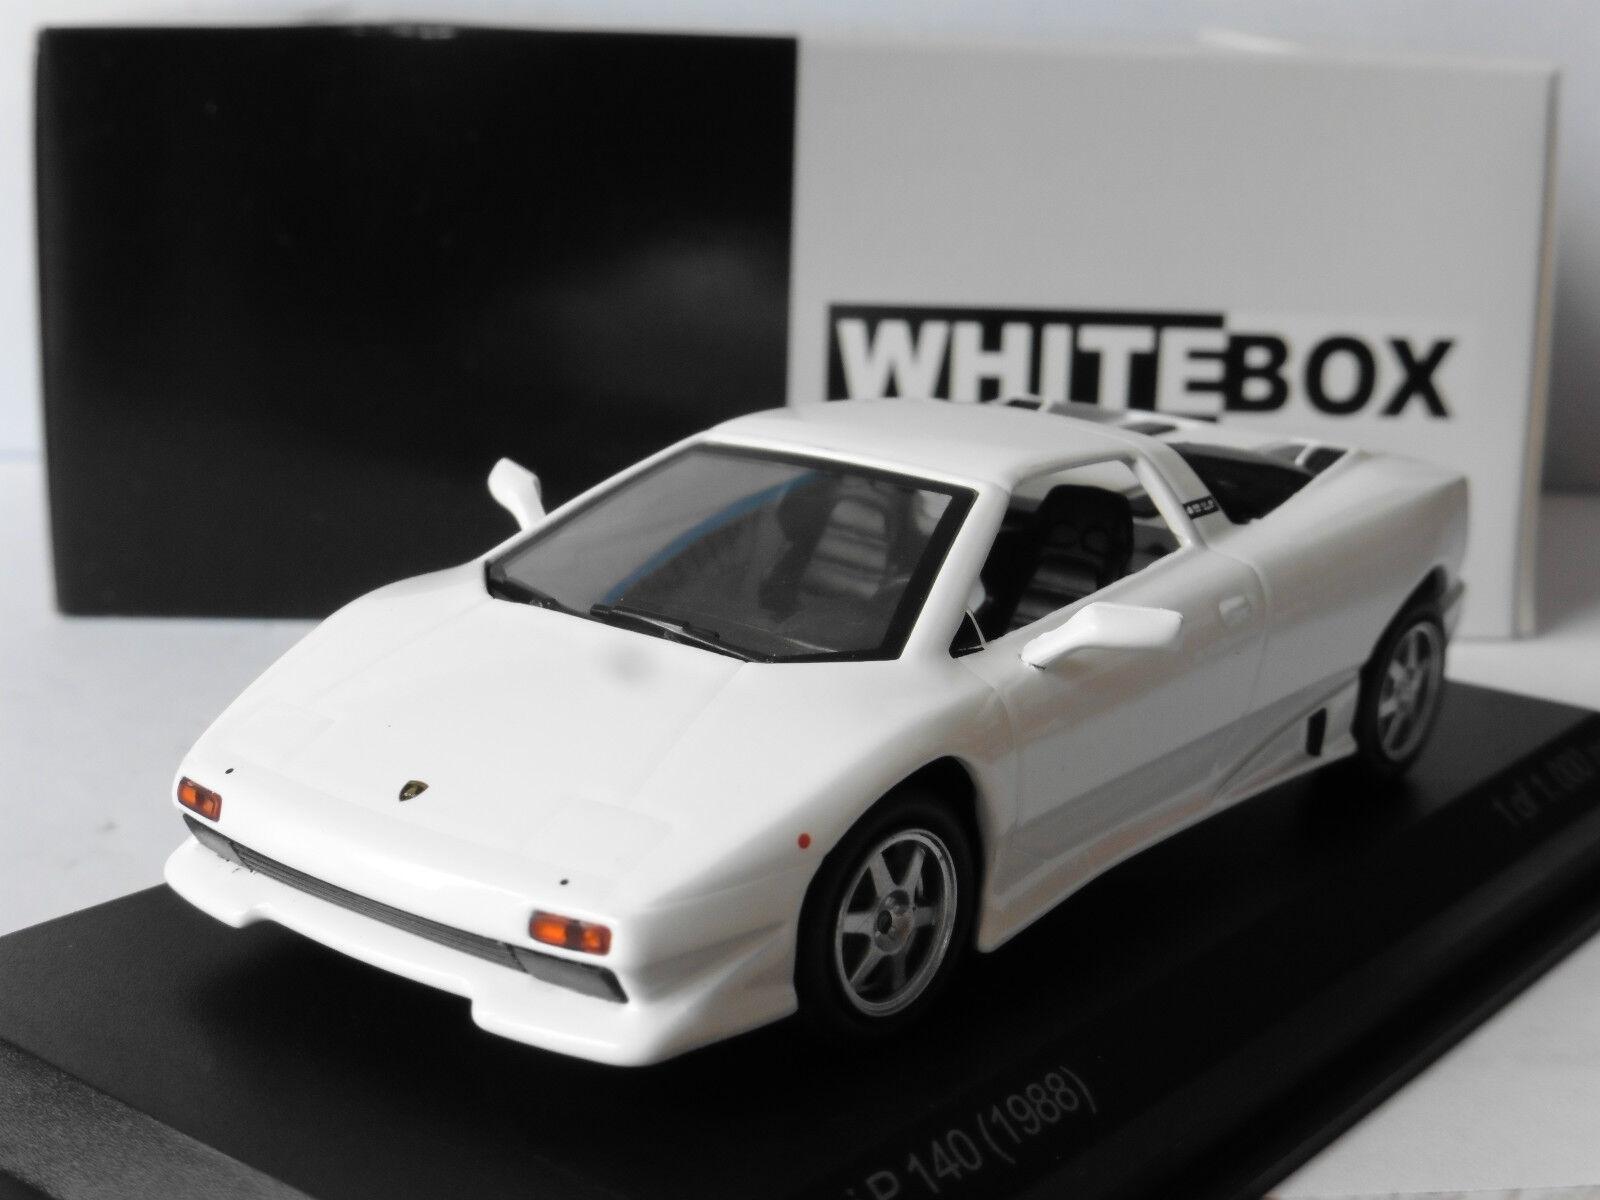 LAMBORGHINI P140 1988 blanc blancBOX WB505 1 43 WEISS blanc BLANCHE ITALIA